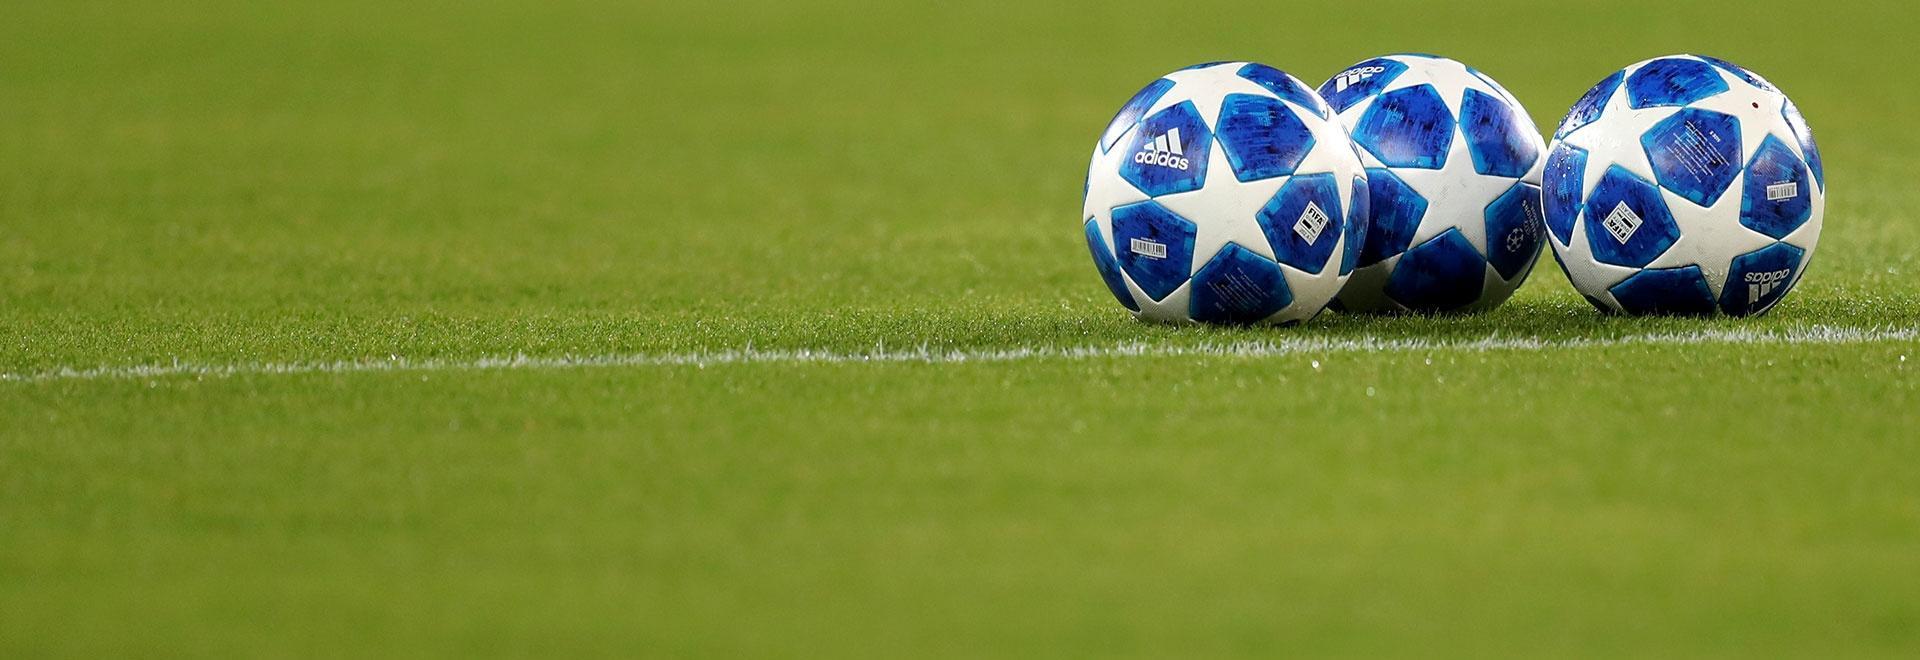 Dinamo Kiev - Inter 24/02/10